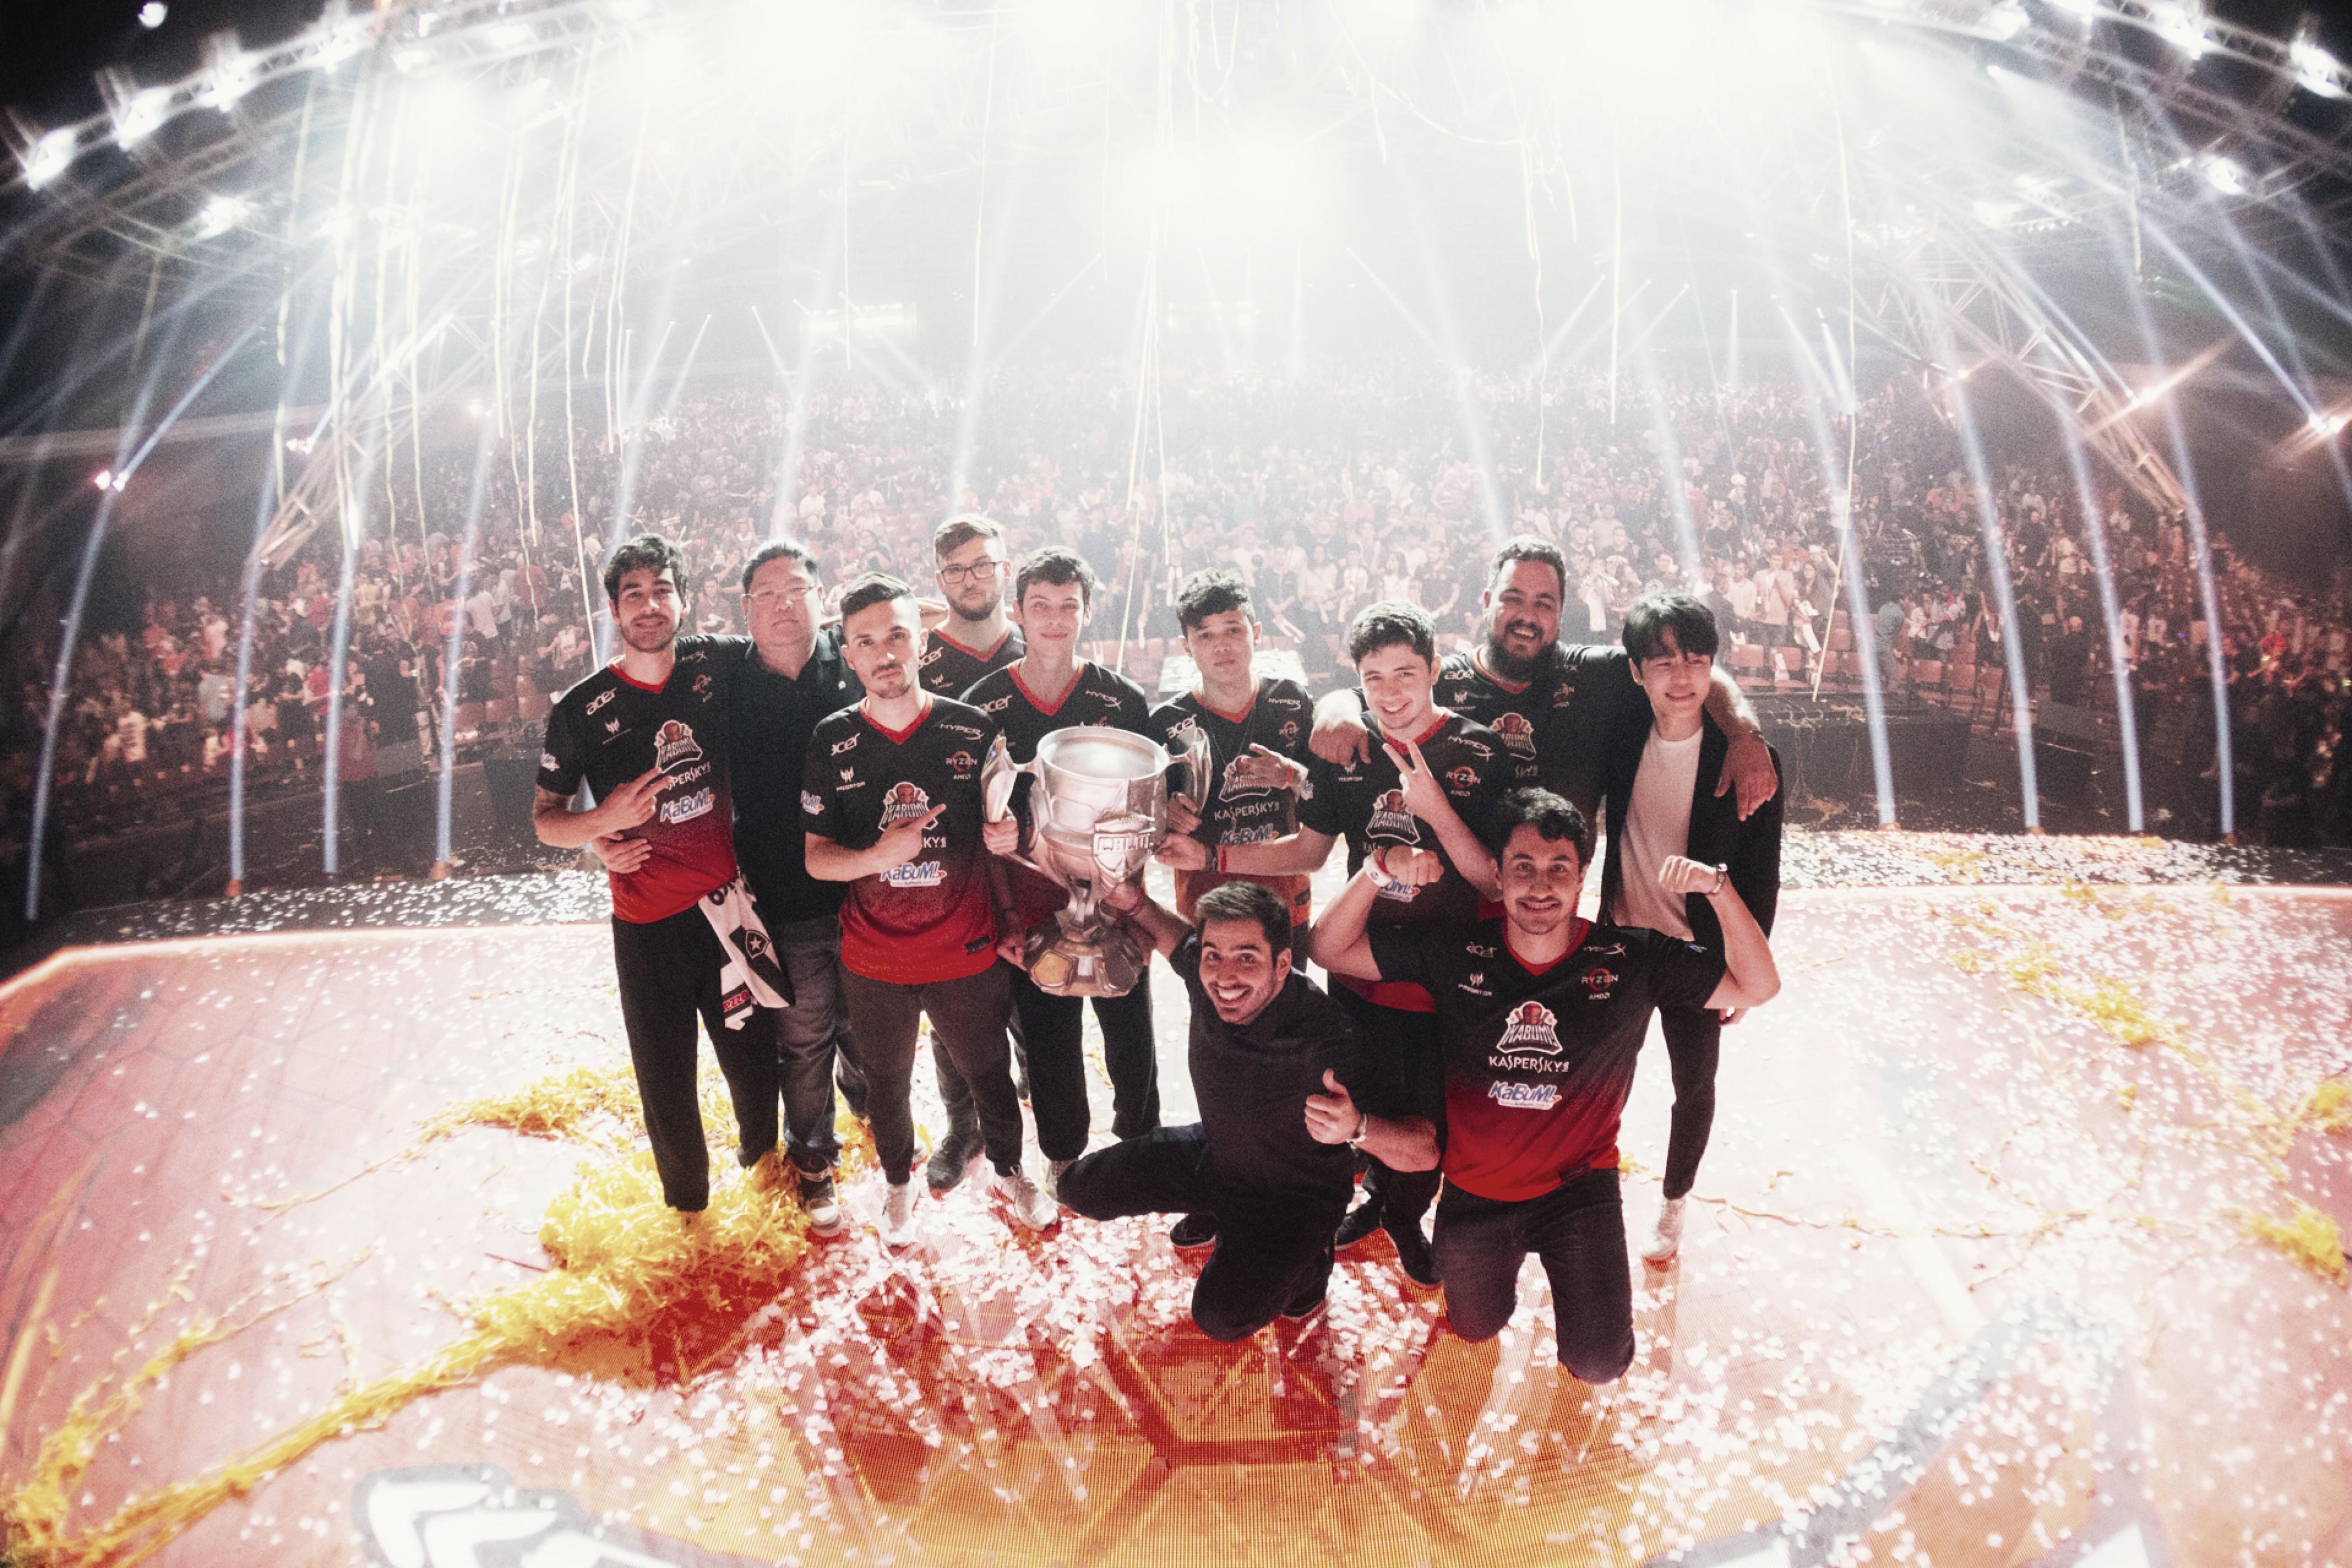 Em série disputada, KaBuM leva a melhor sobre o Flamengo e conquista o CBLoL